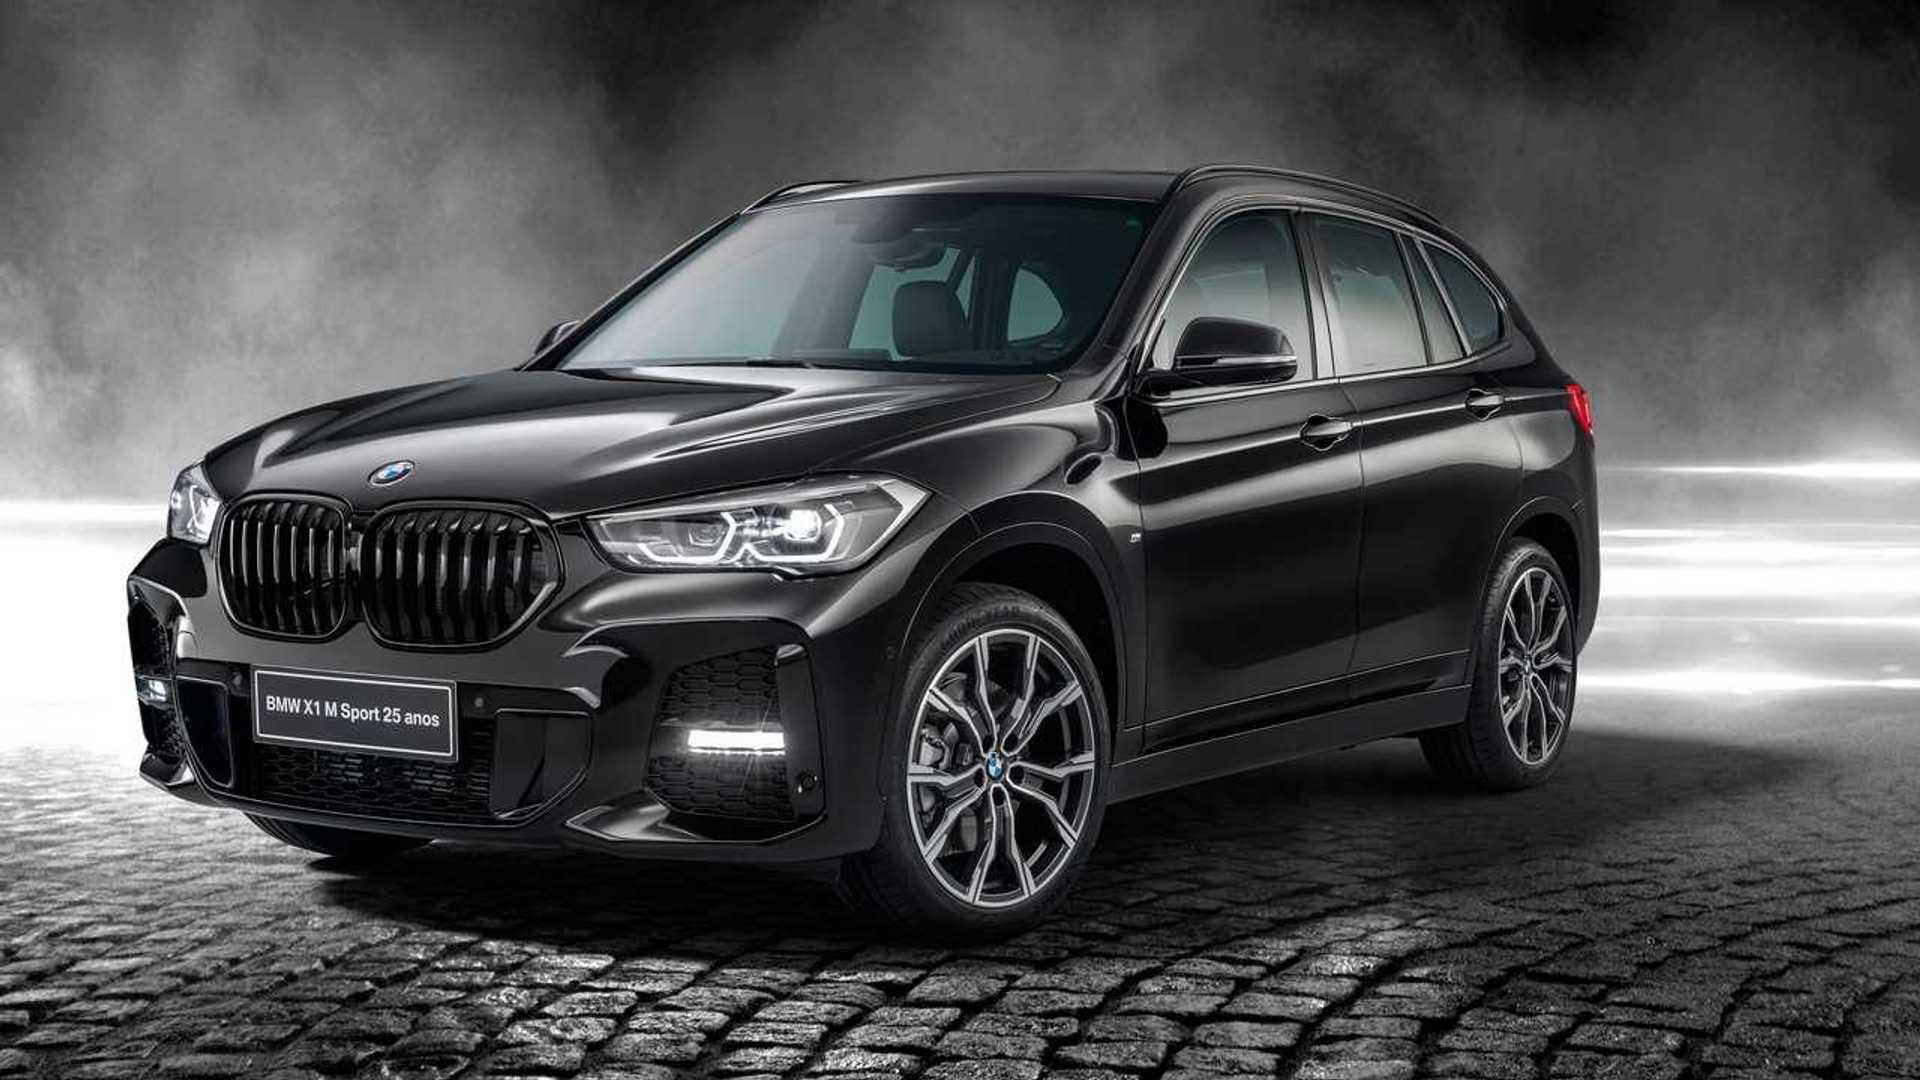 BMW X1 M Sport é série especial em homenagem aos 25 anos da BMW no Brasil